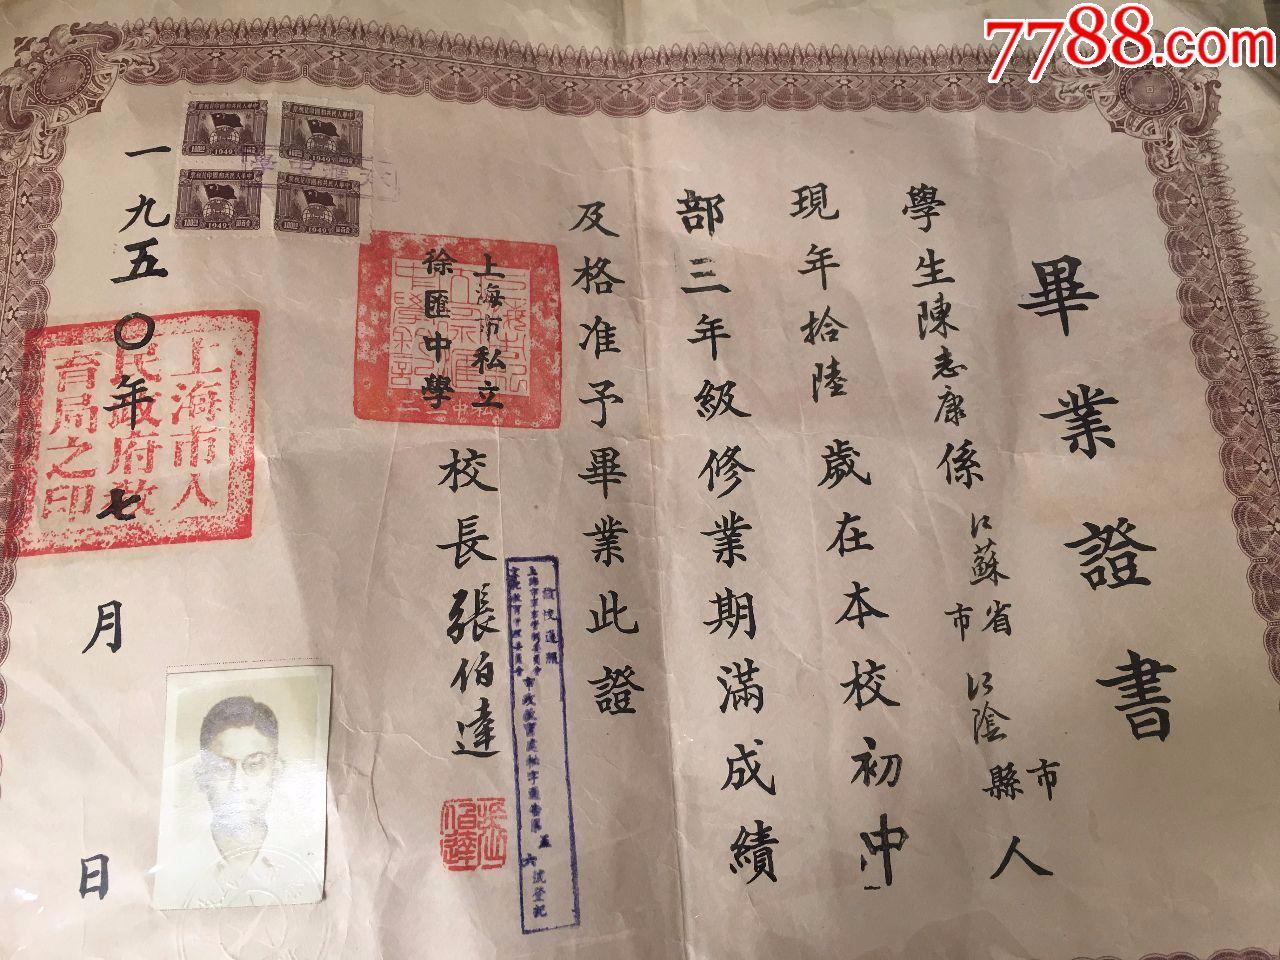 贴初中江阴人的【上海市私立徐汇税票】要求中学有毕业艺术类何证书考高中图片